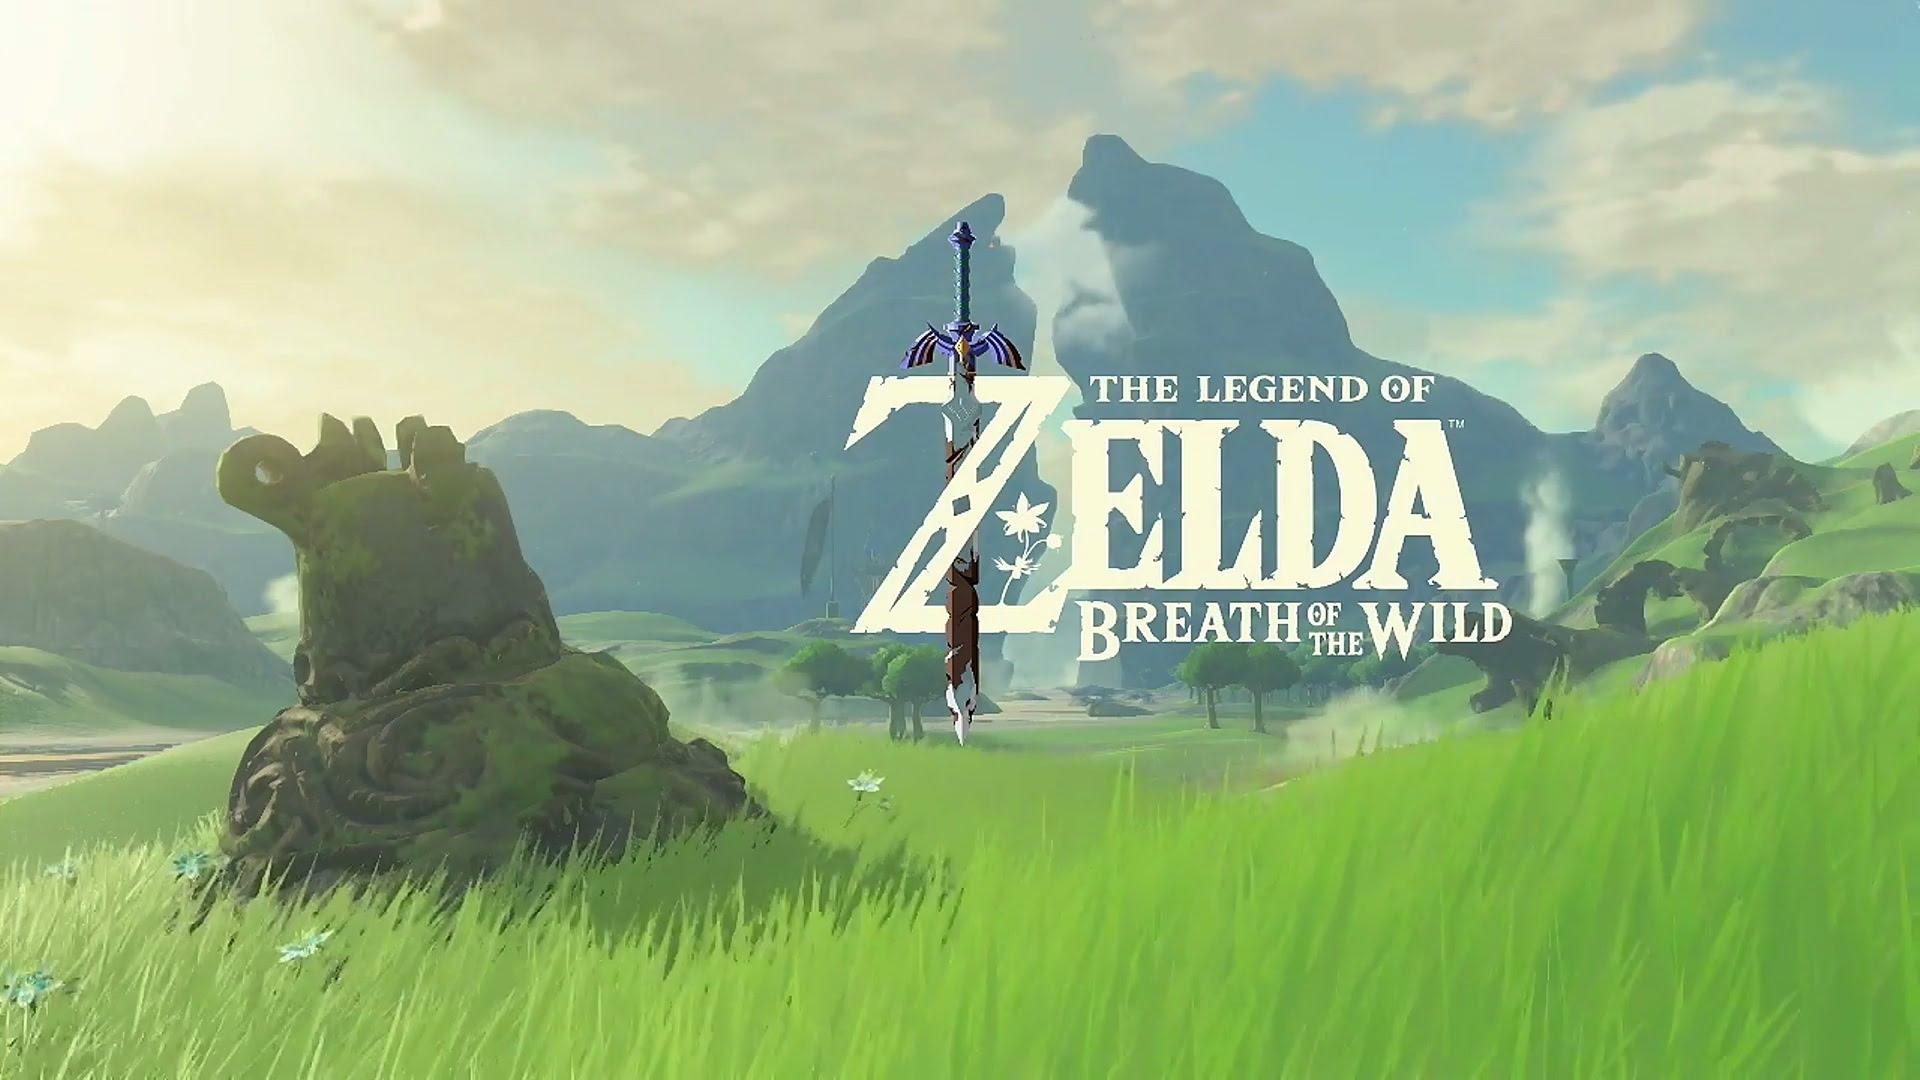 Zelda-Breath-of-the-Wild.jpg